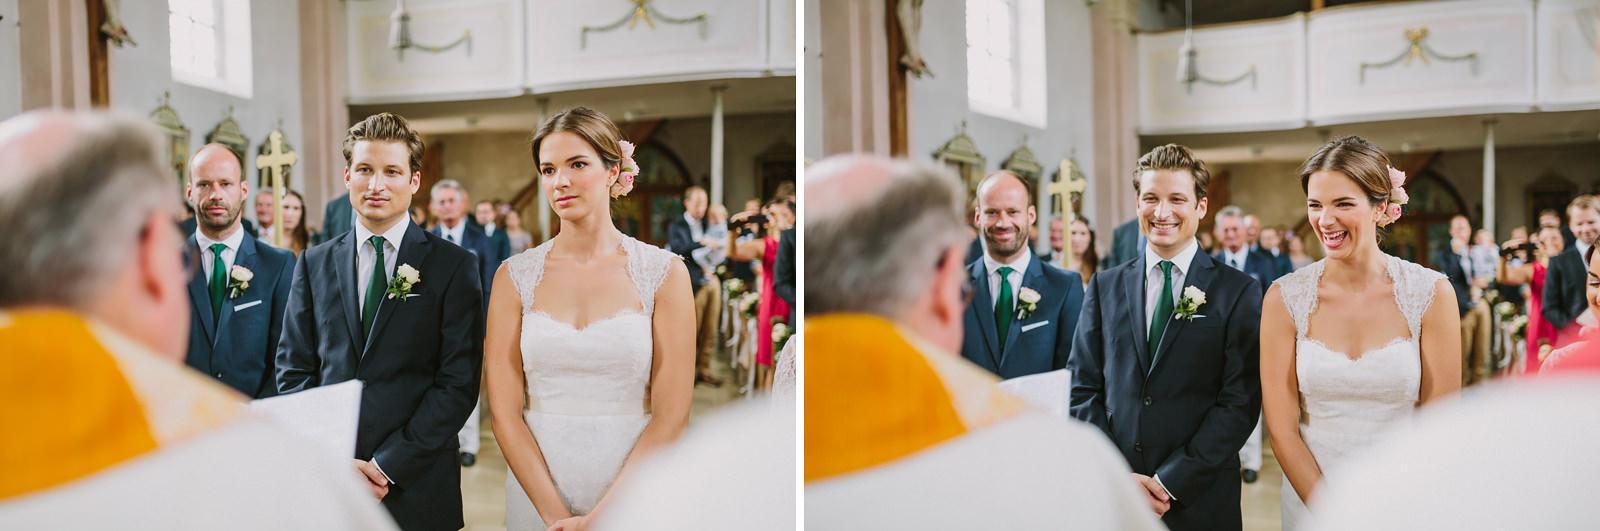 wedding church germany laugh